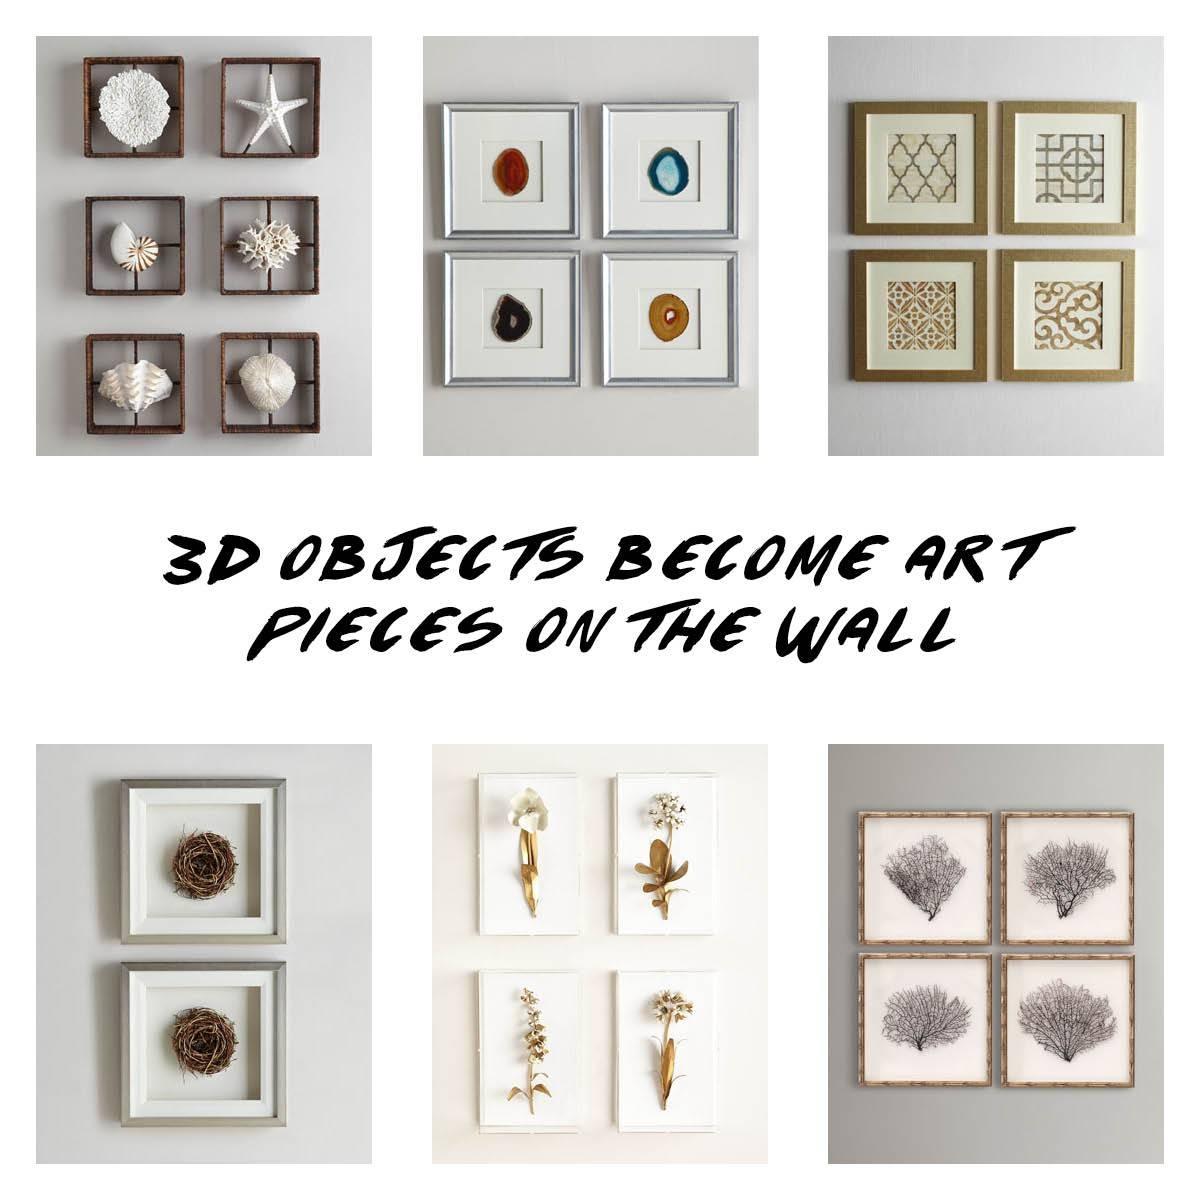 3d Framed Objects Become Art – An Explorer's Heart Within Recent Framed 3d Wall Art (View 3 of 20)